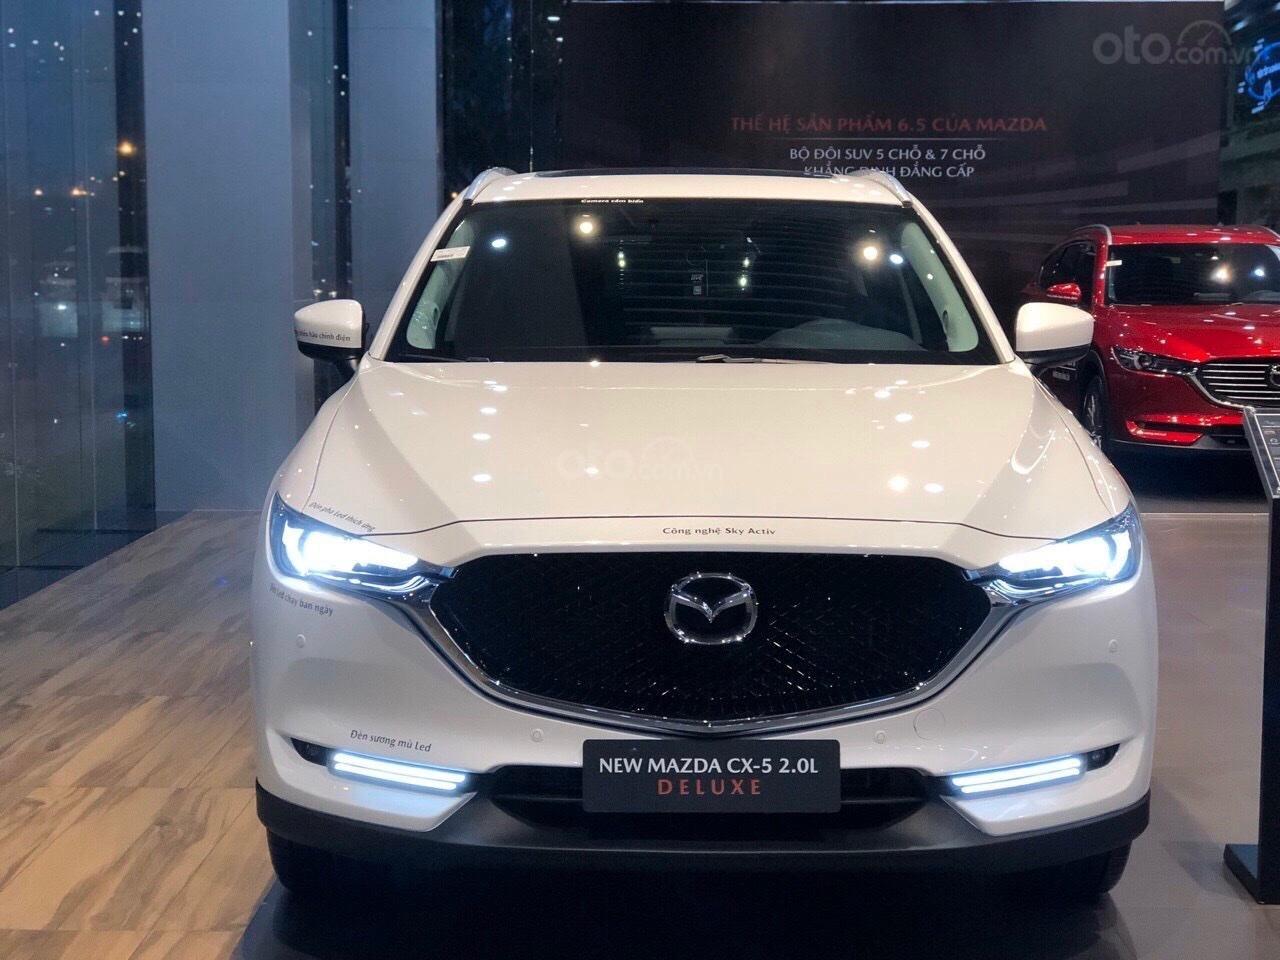 Mazda CX5 ưu đãi lên đến 50 triệu TP. HCM, trả góp đưa trước 290 triệu (2)